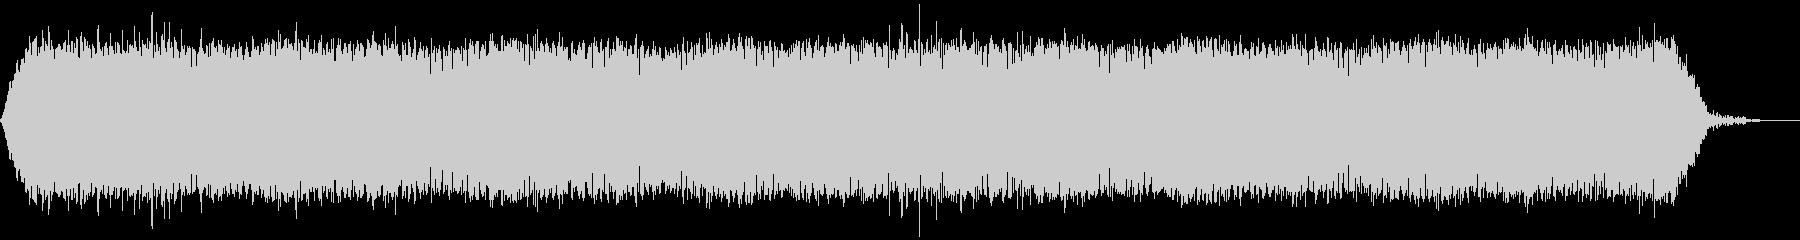 【アンビエント】ドローン_24 実験音の未再生の波形